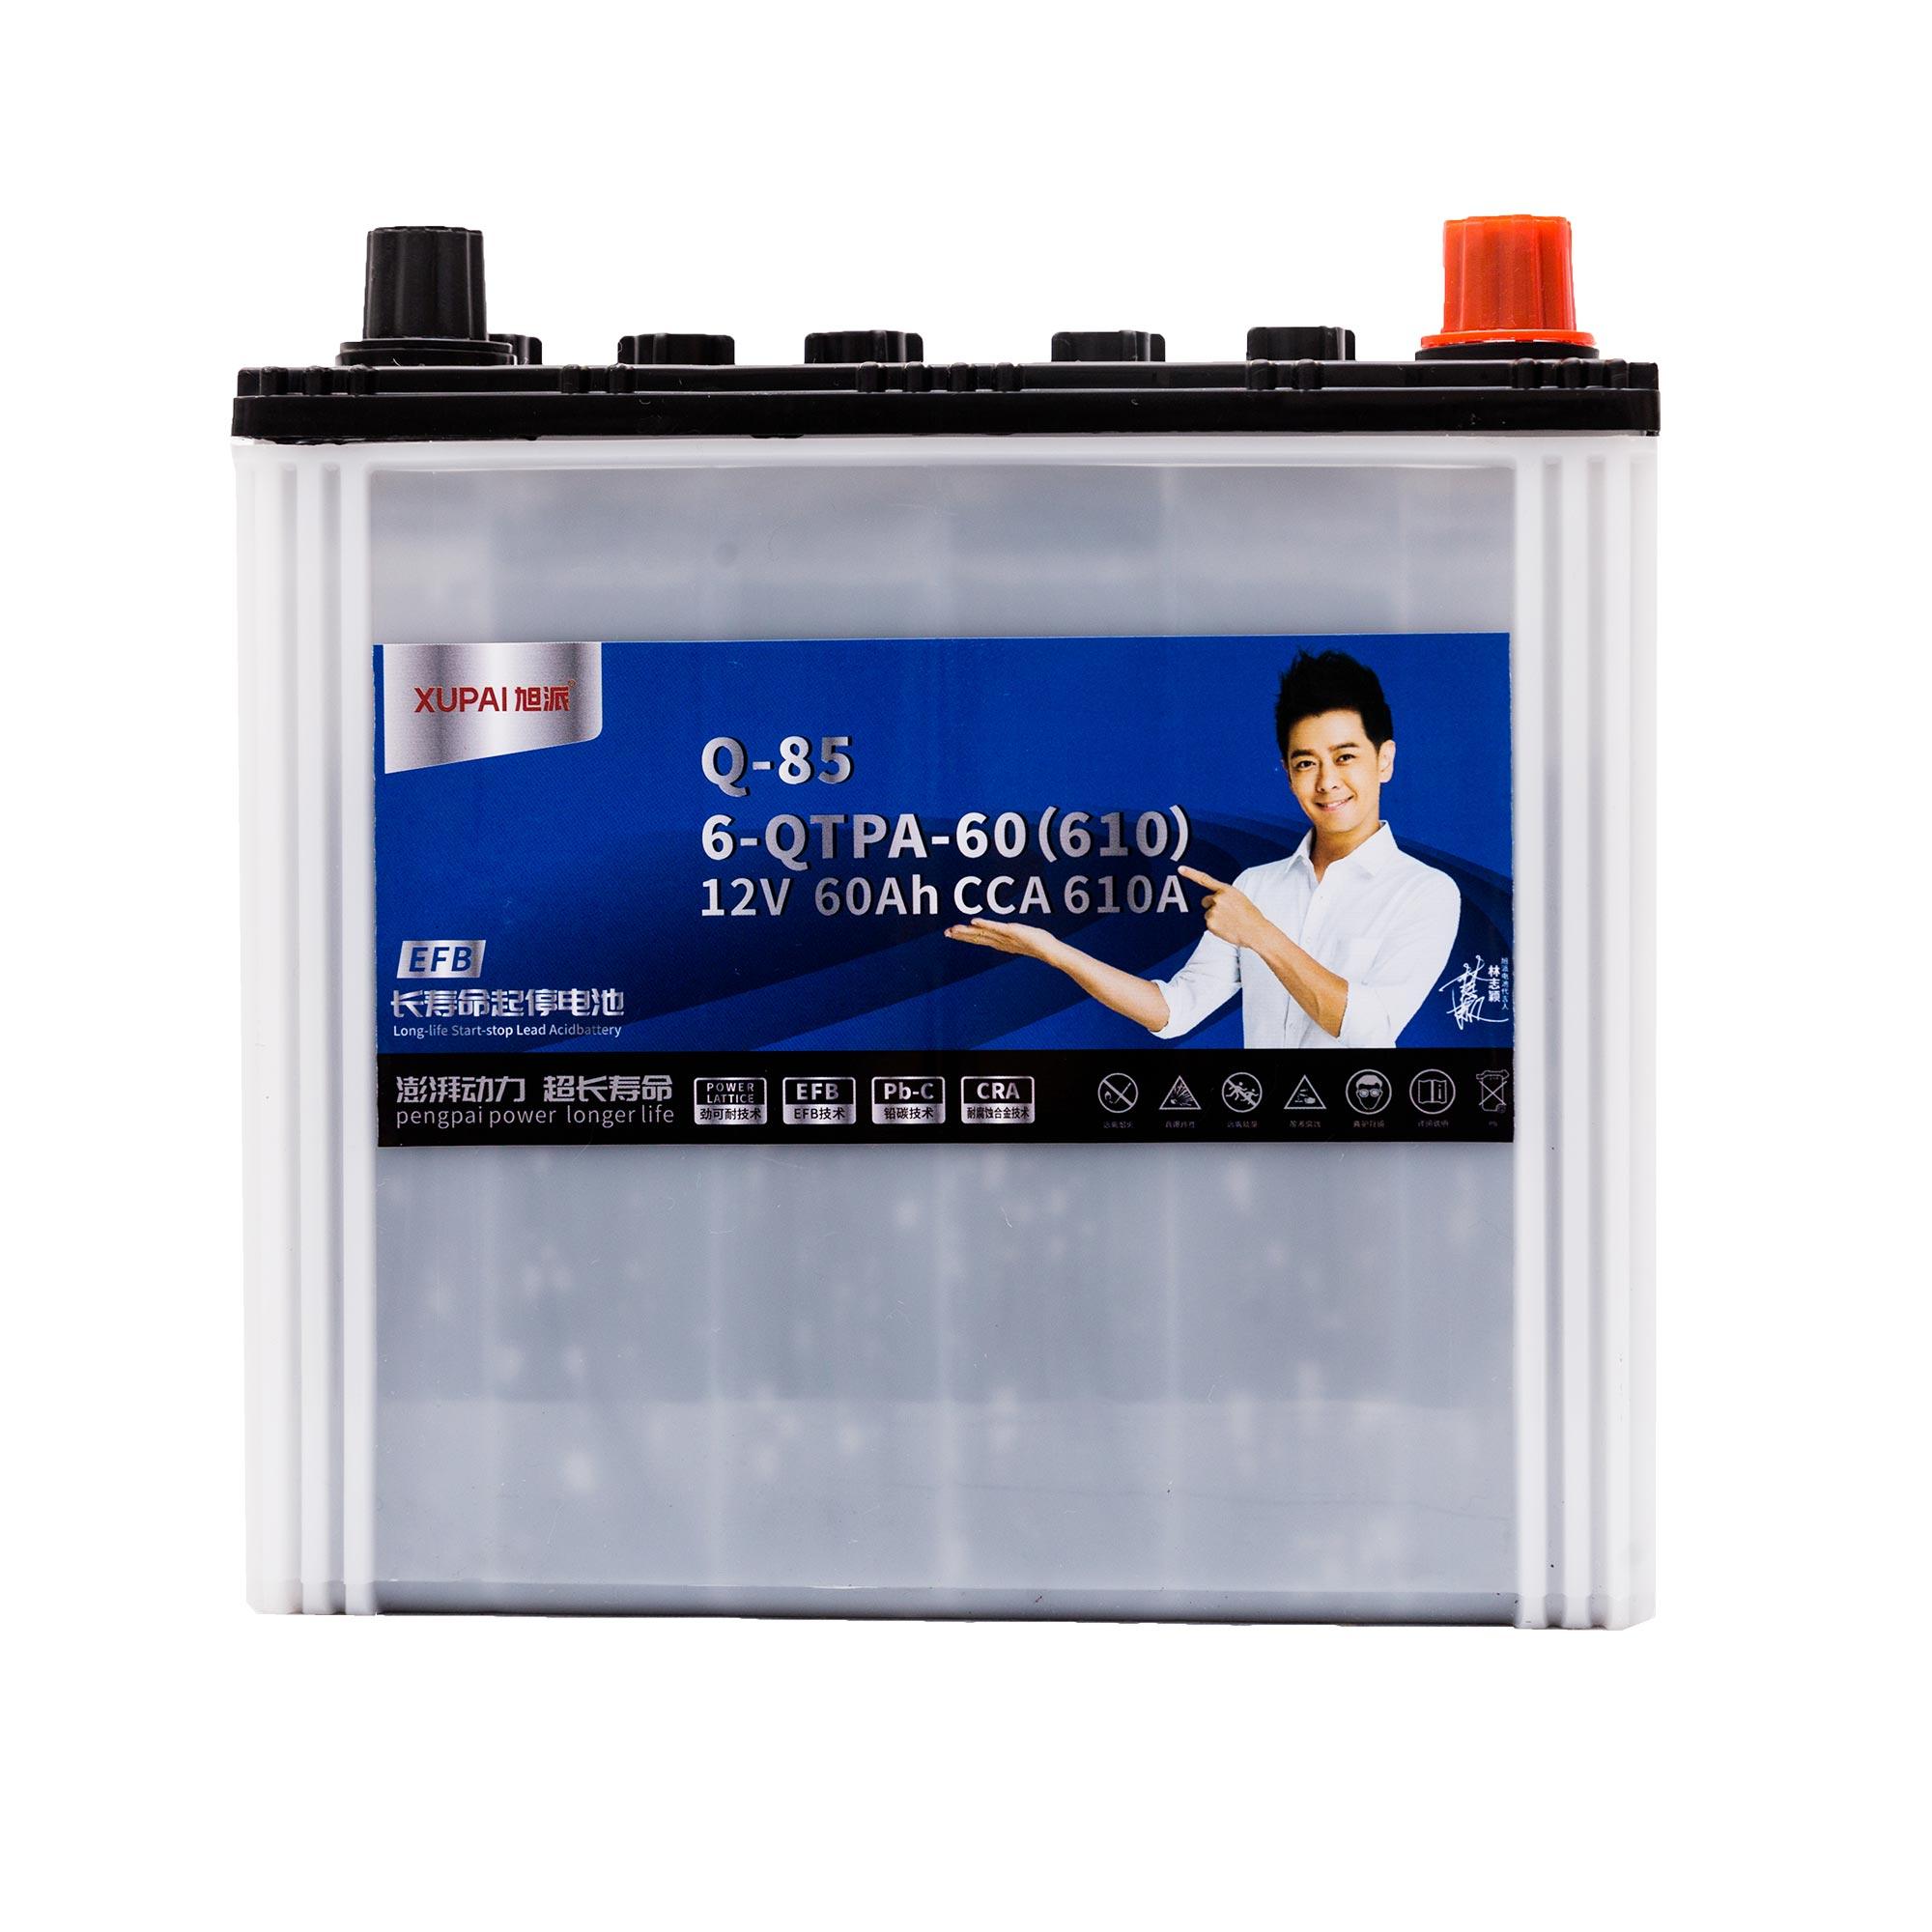 旭派6-QTPA-60长寿命汽车启停电池